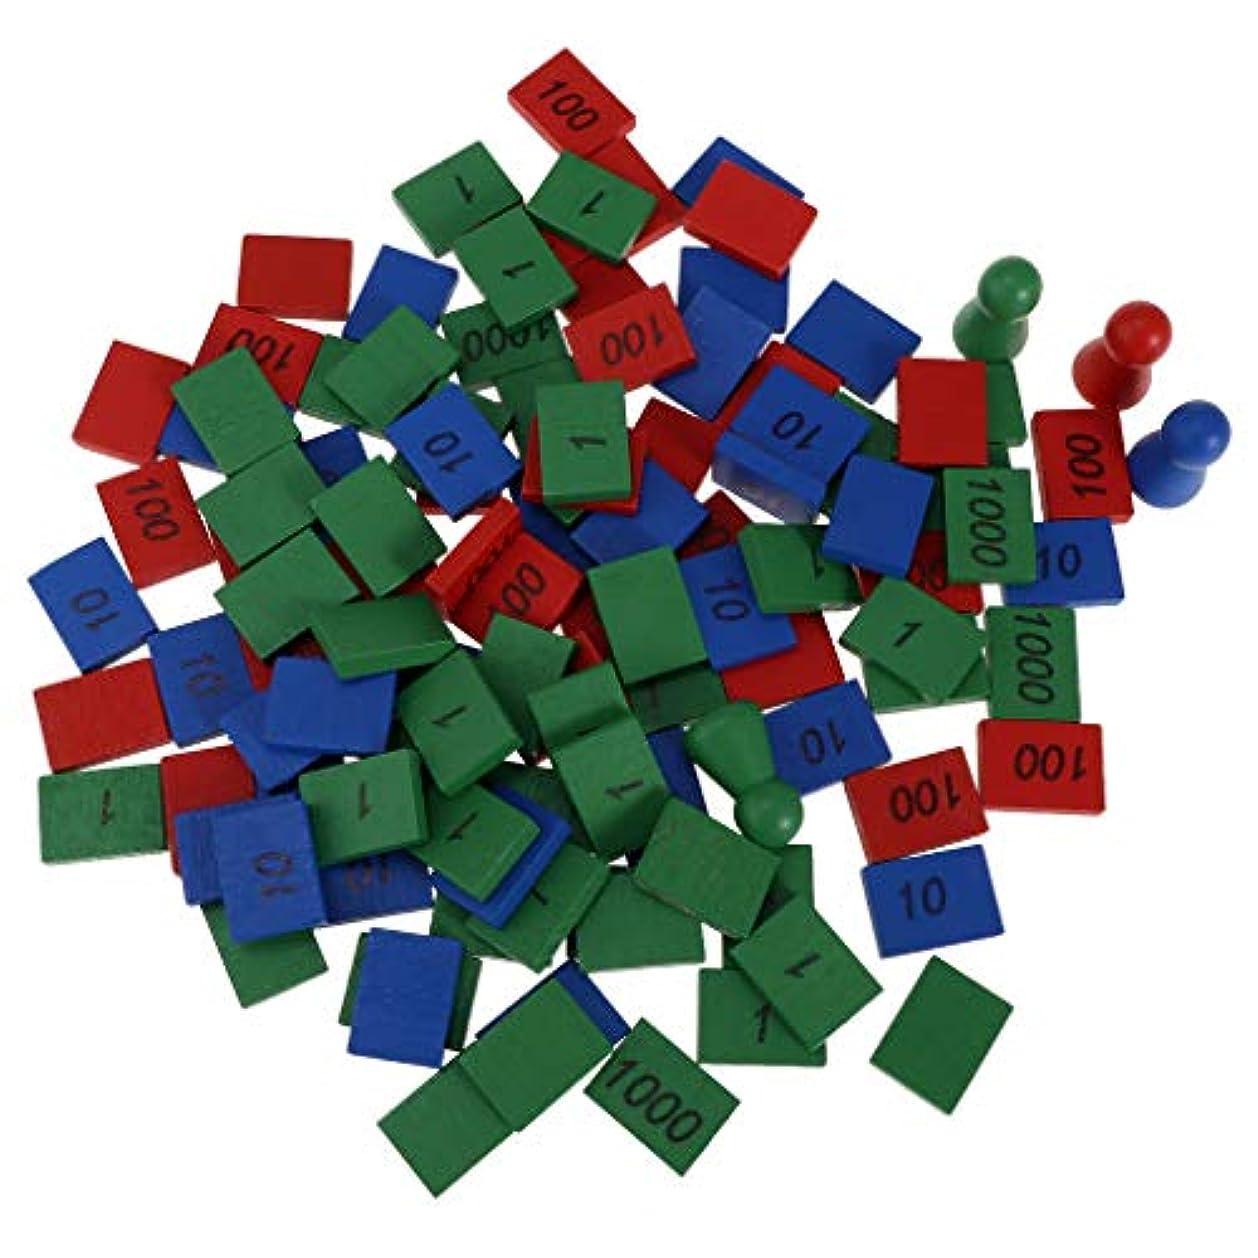 たくさん割れ目センブランスP Prettyia おもちゃ カラフルな 数学 子供たち 教育用 木製ラウンドヘッドコーン